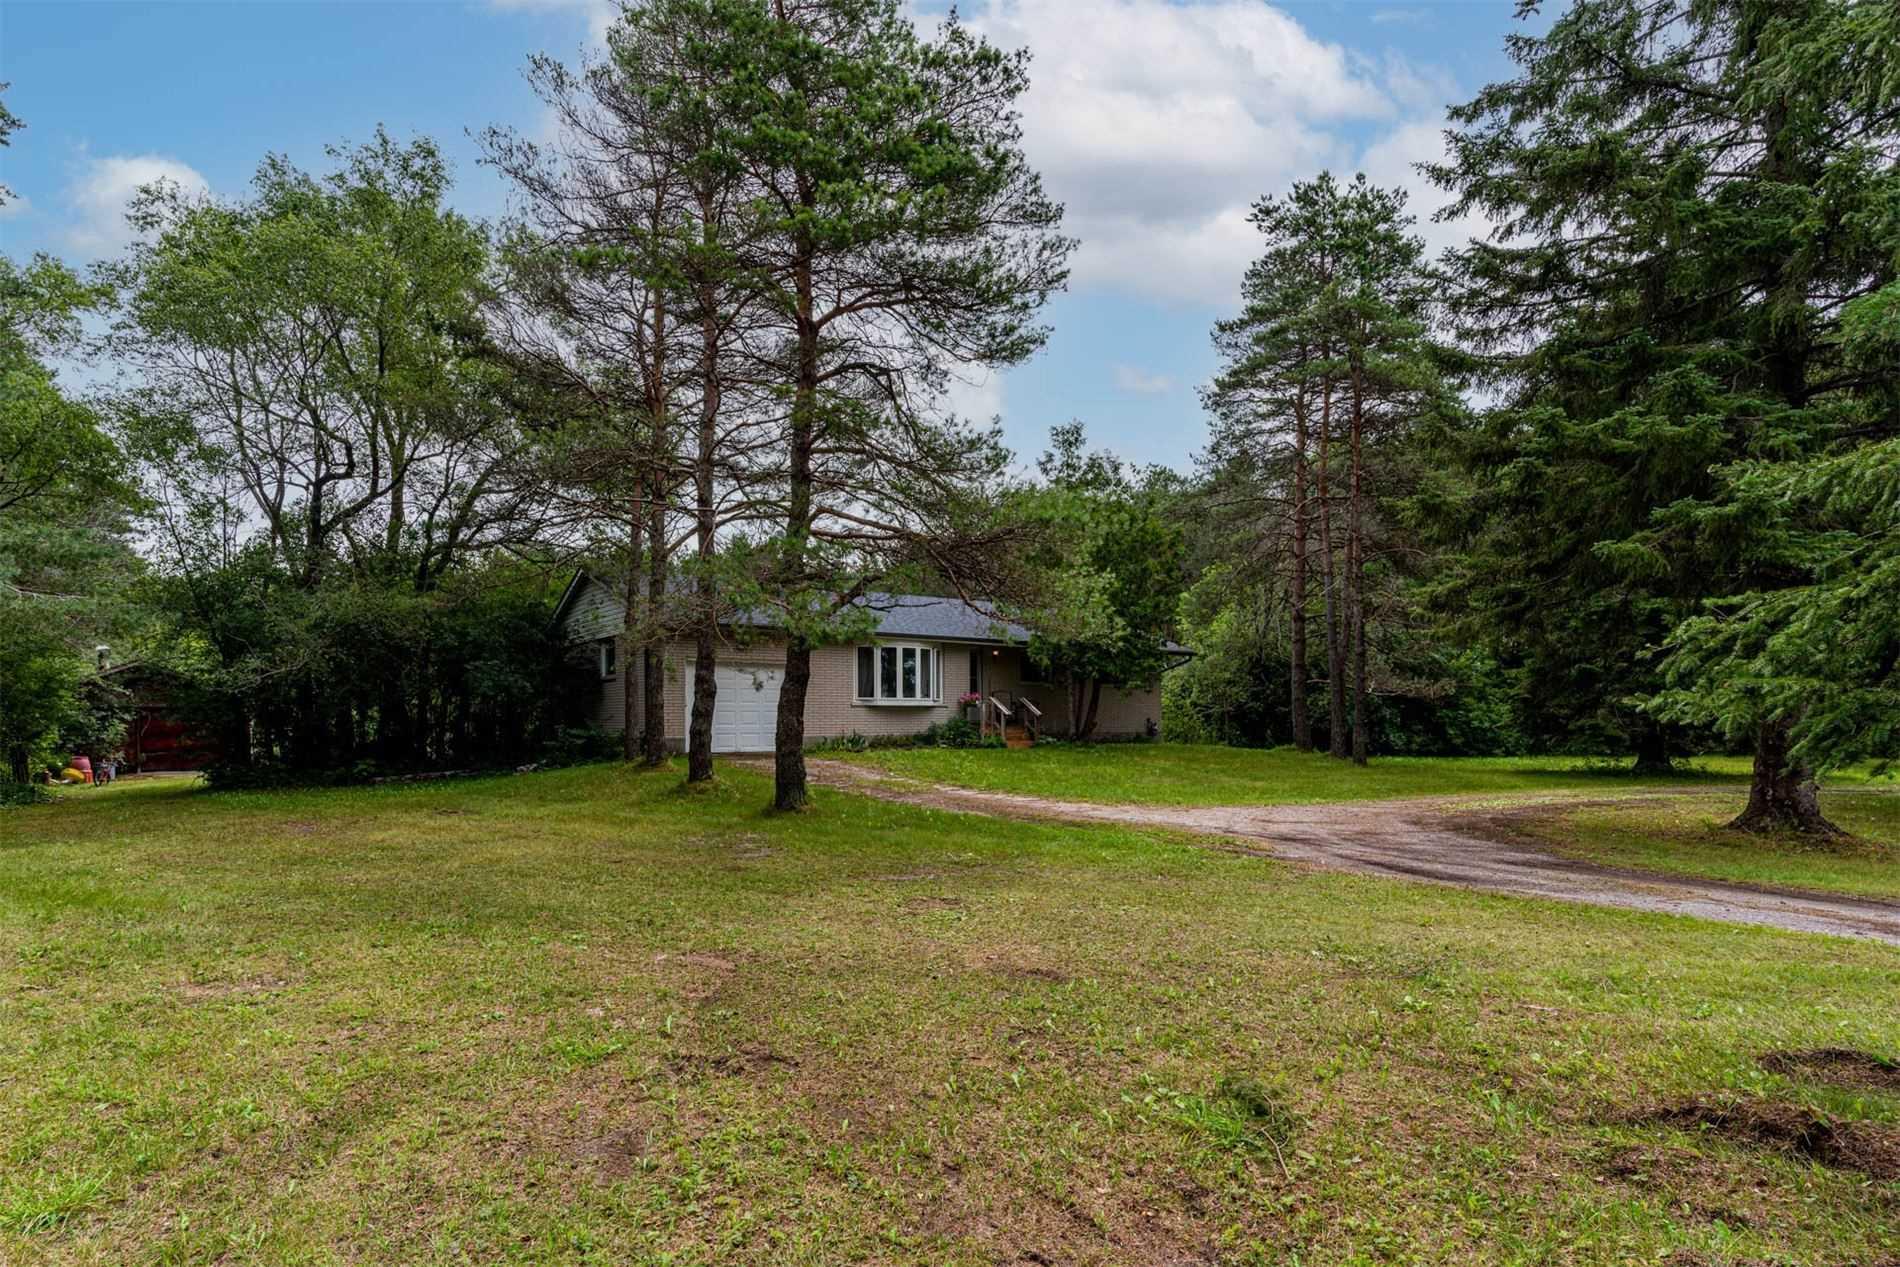 4189 Brock Rd - Uxbridge Detached for sale, 3 Bedrooms (N5311768) - #5